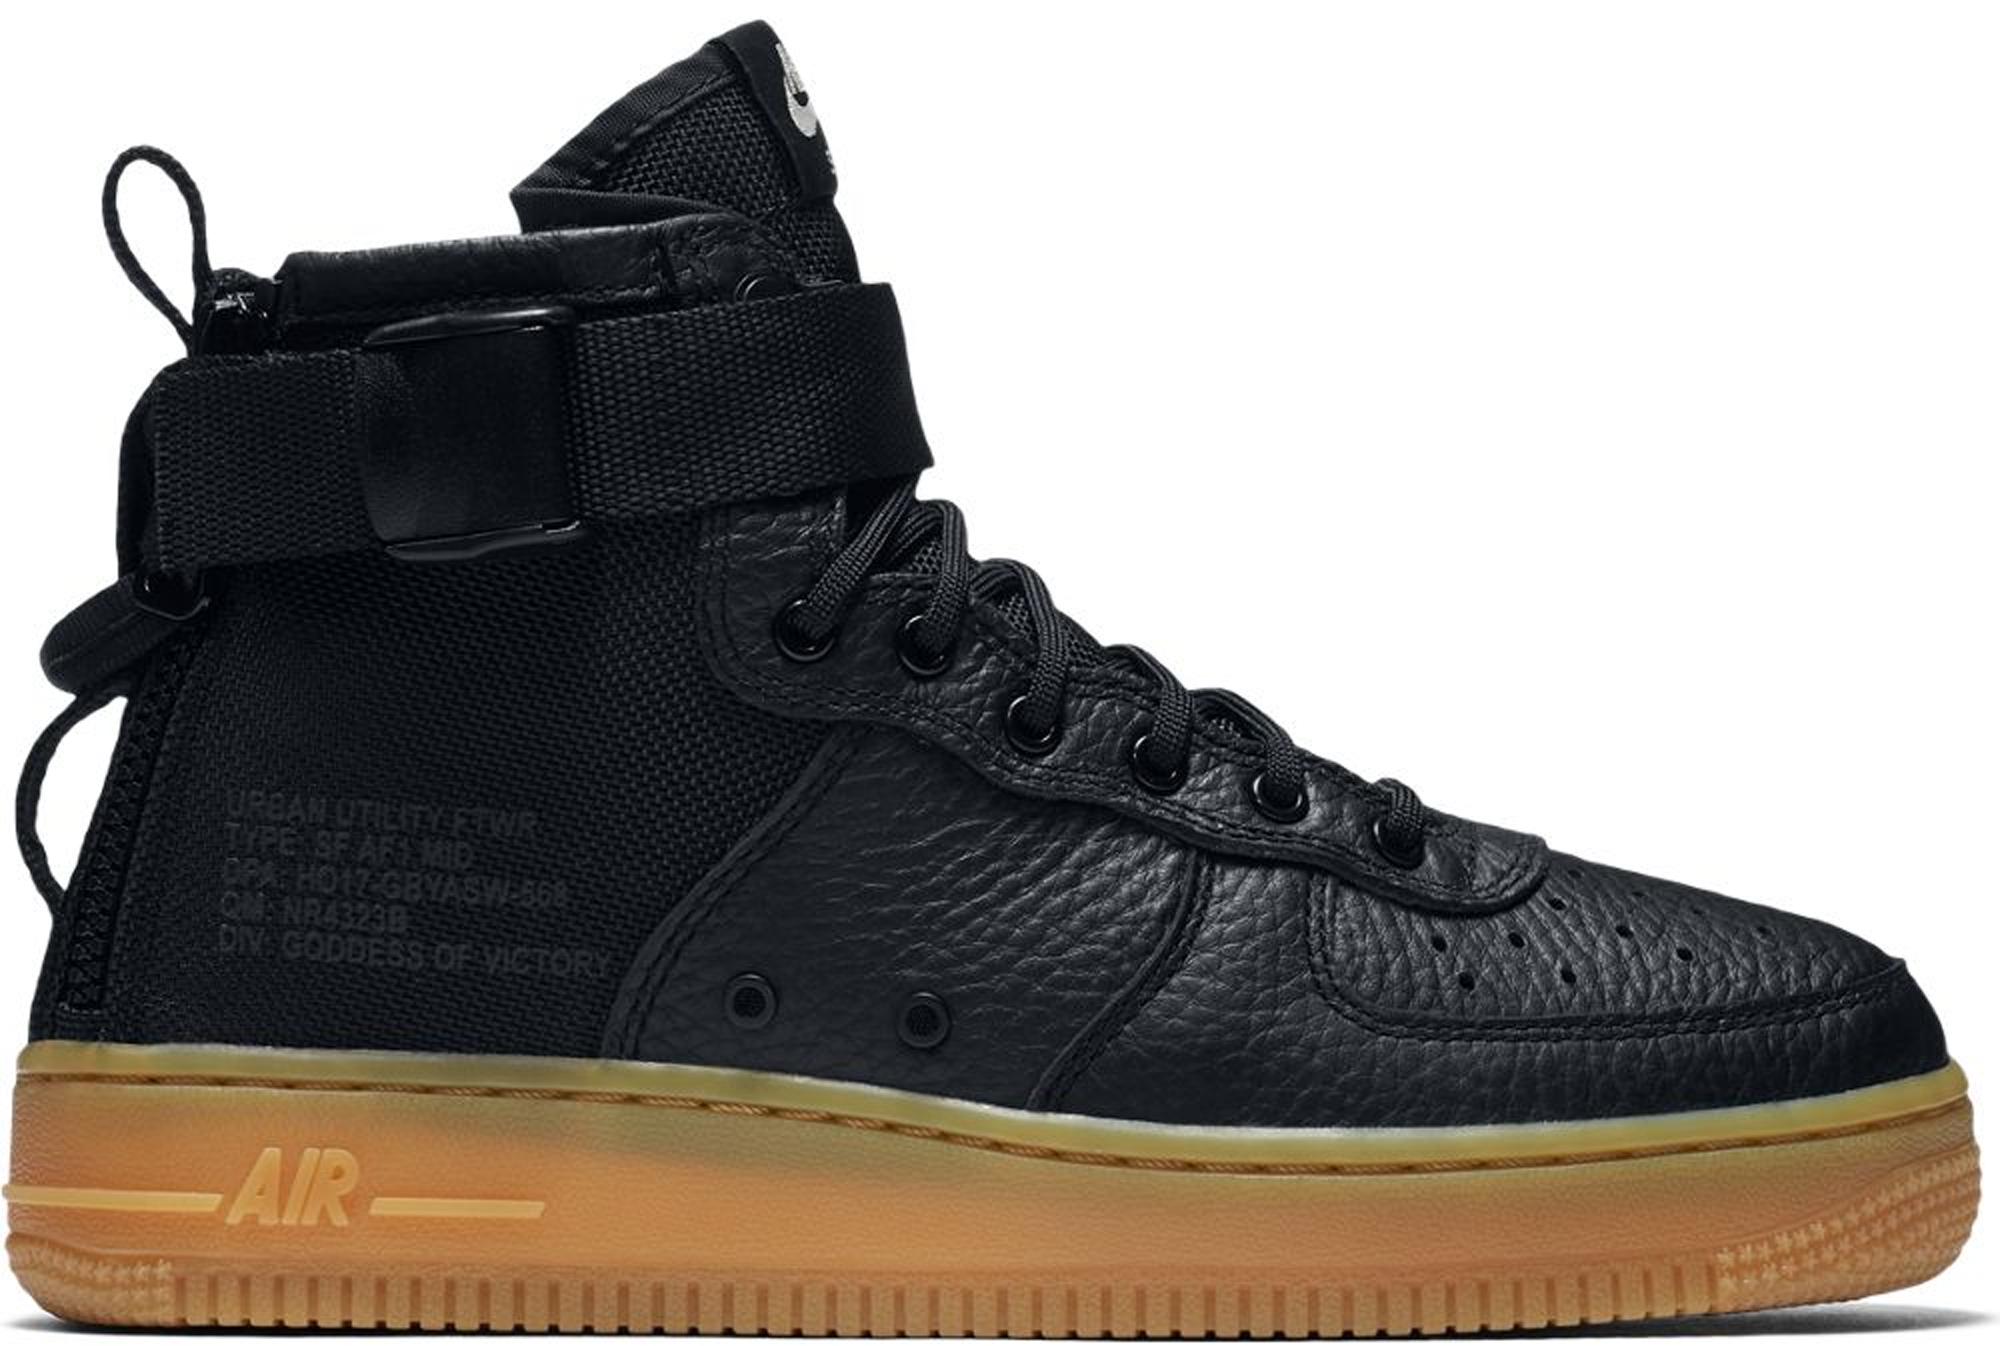 Nike SF Air Force 1 Mid Black Gum (GS